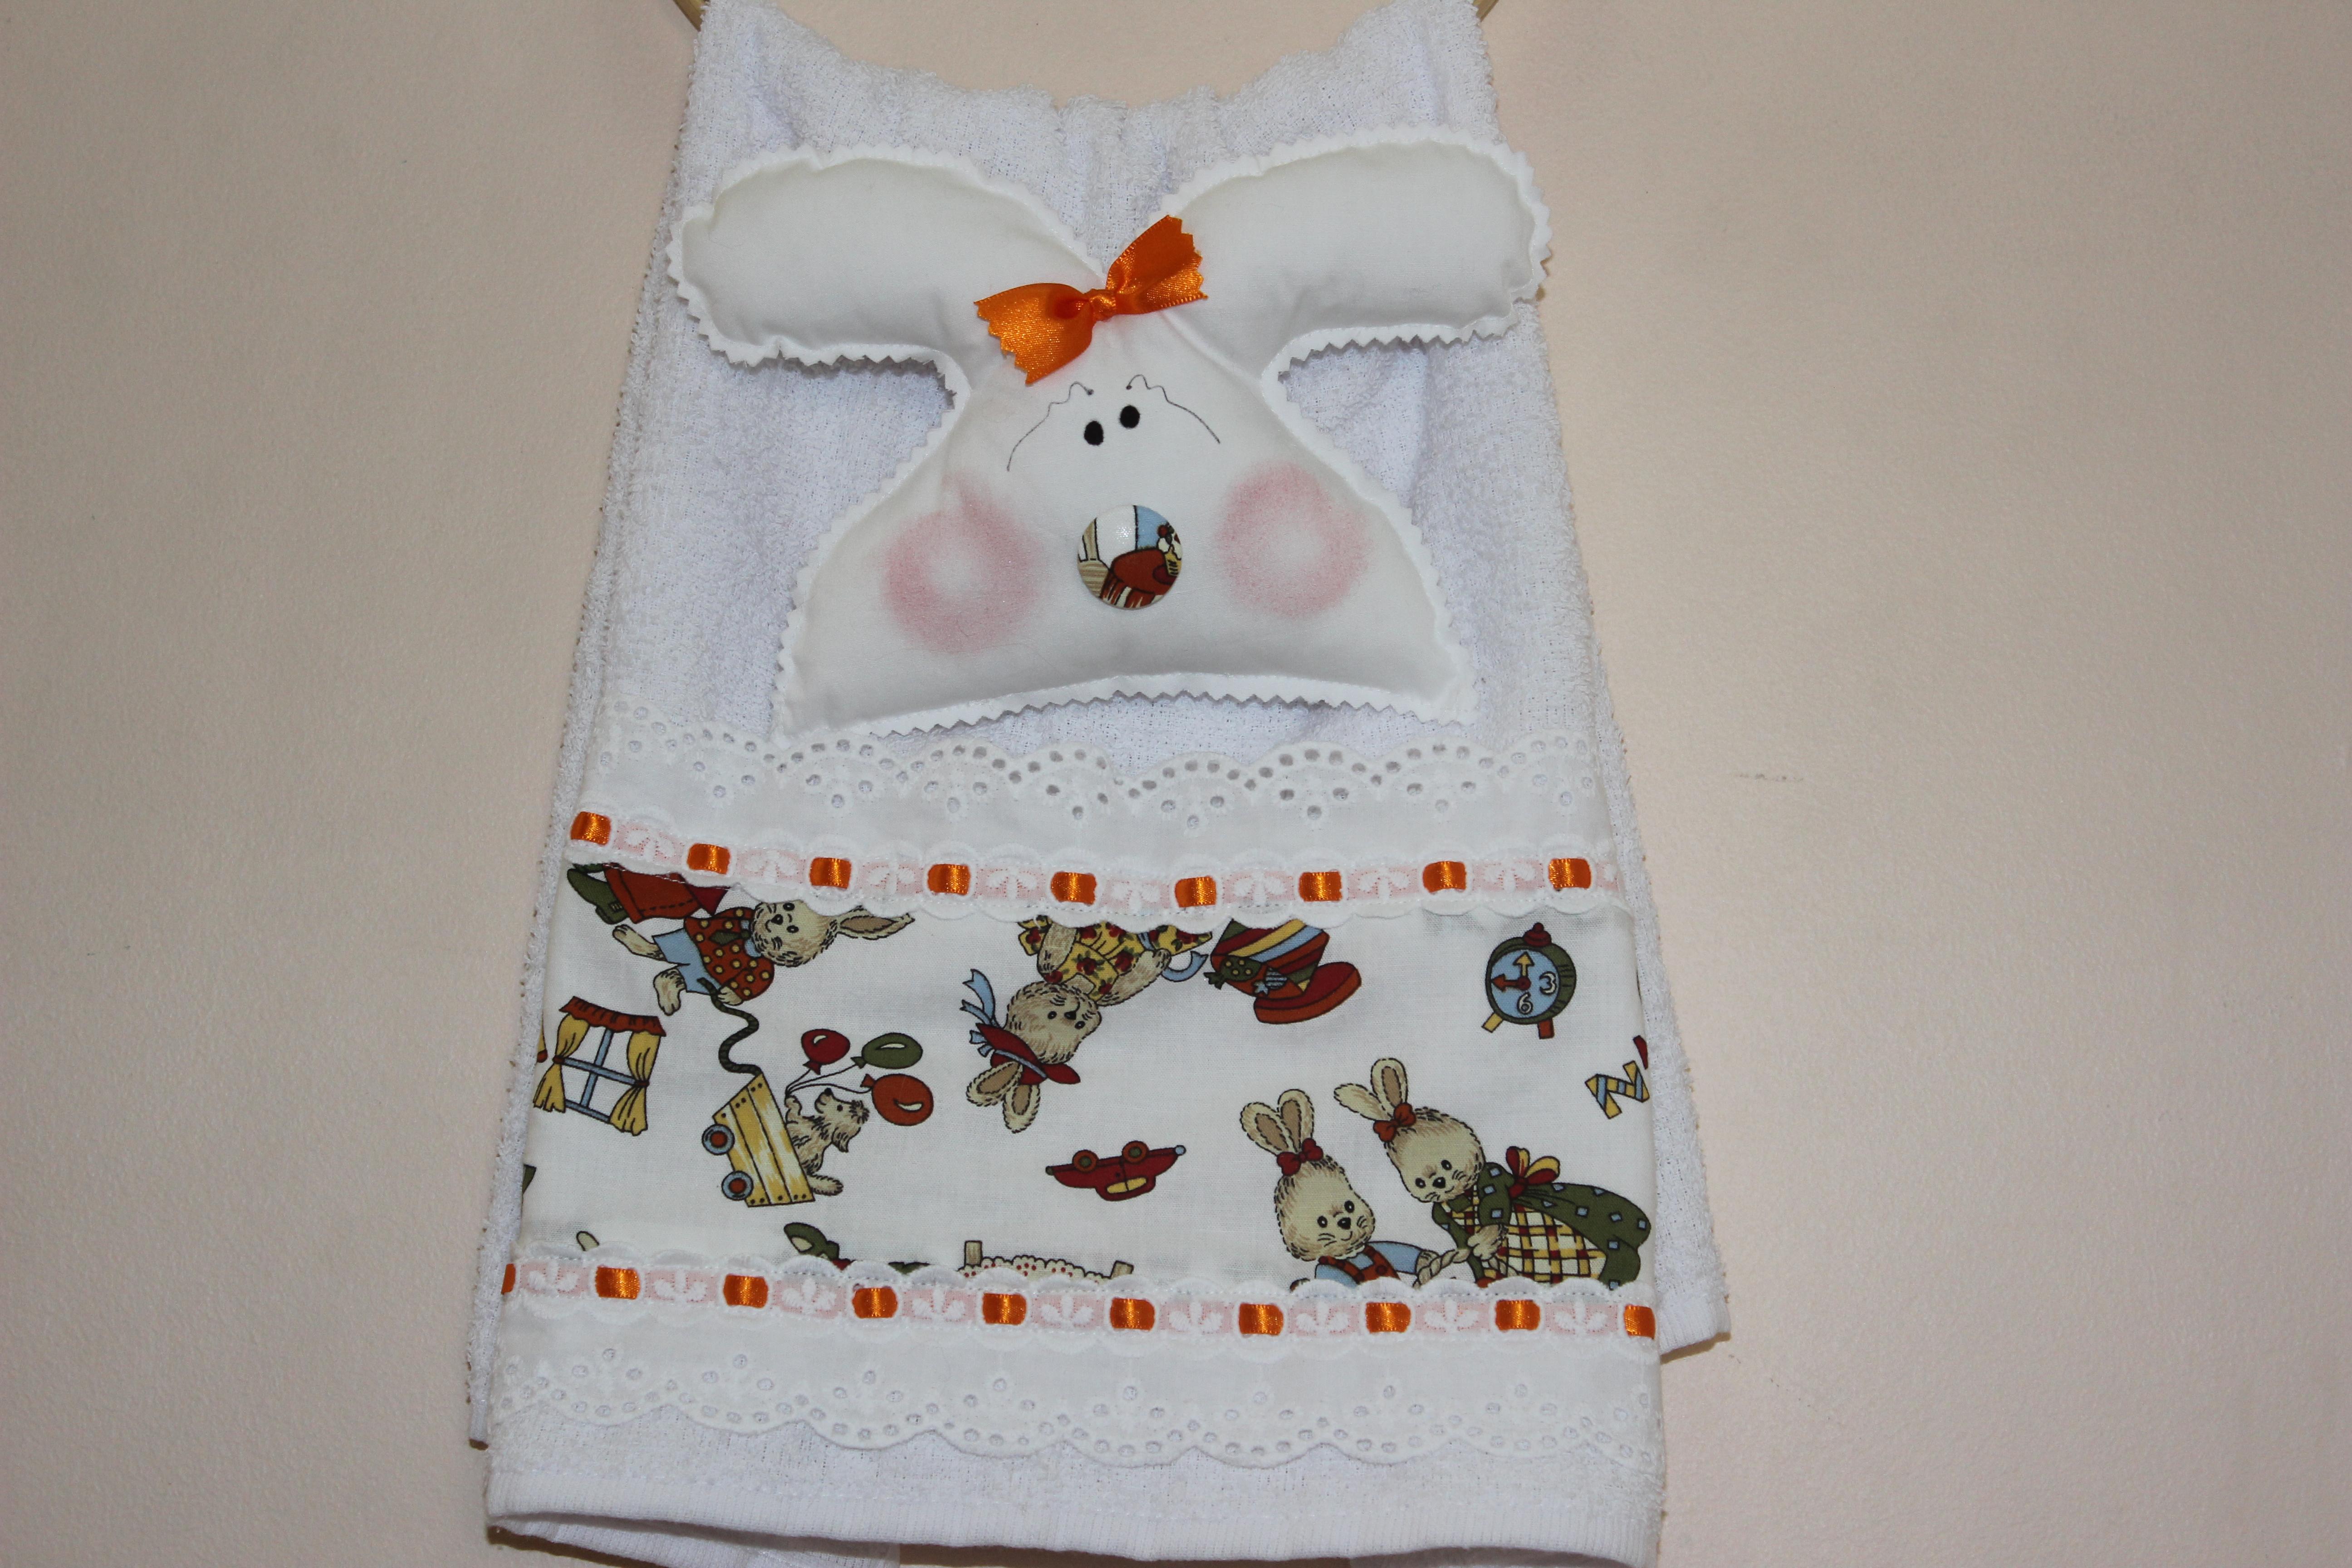 decoracao toalha lavabo:toalha-para-lavabo-decoracao-de-pascoa-coelho toalha-para-lavabo